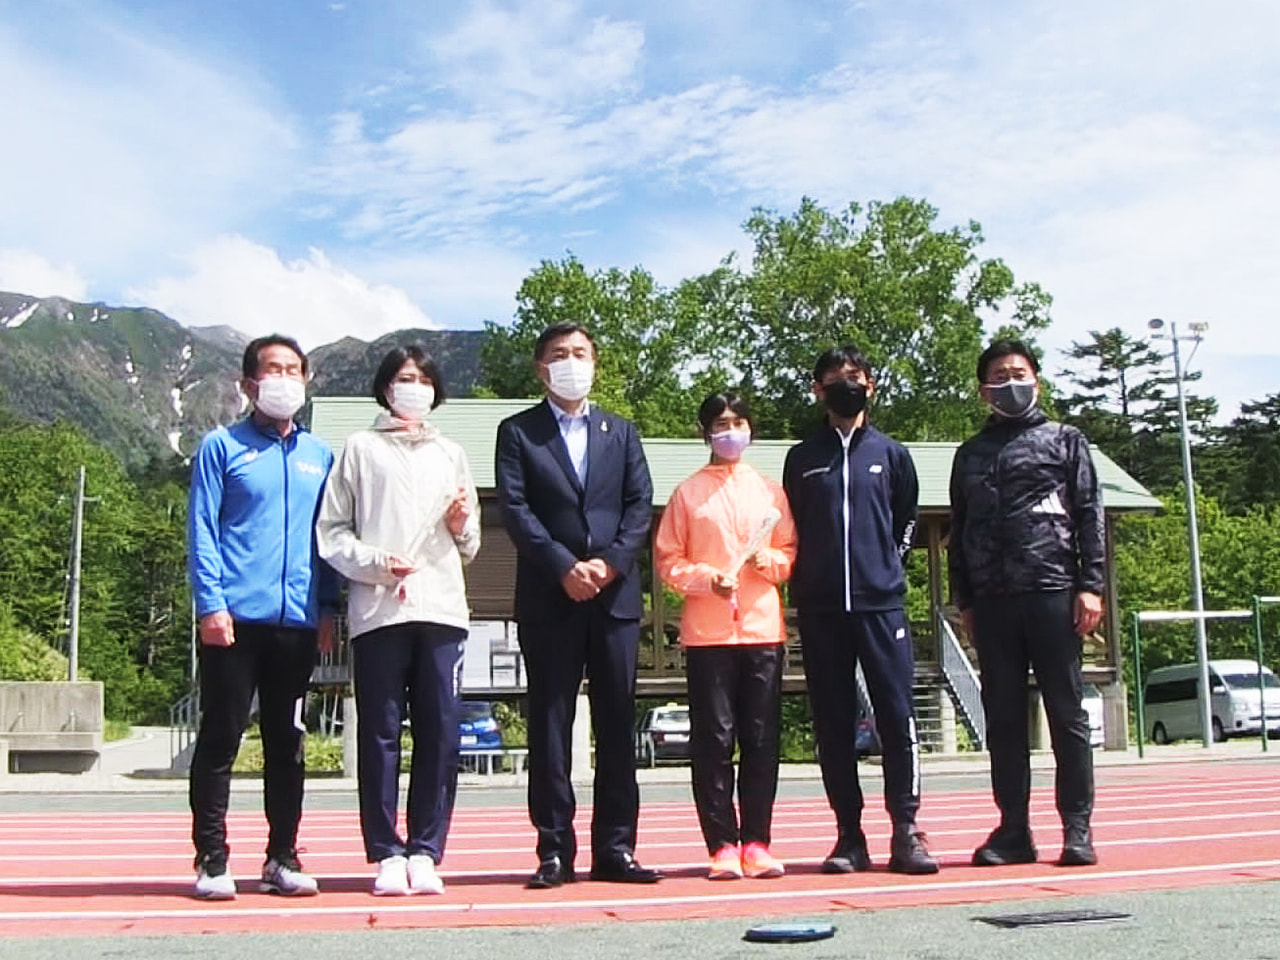 東京オリンピックの日本代表で、「飛騨御嶽高原高地トレーニングエリア」で調整する2...